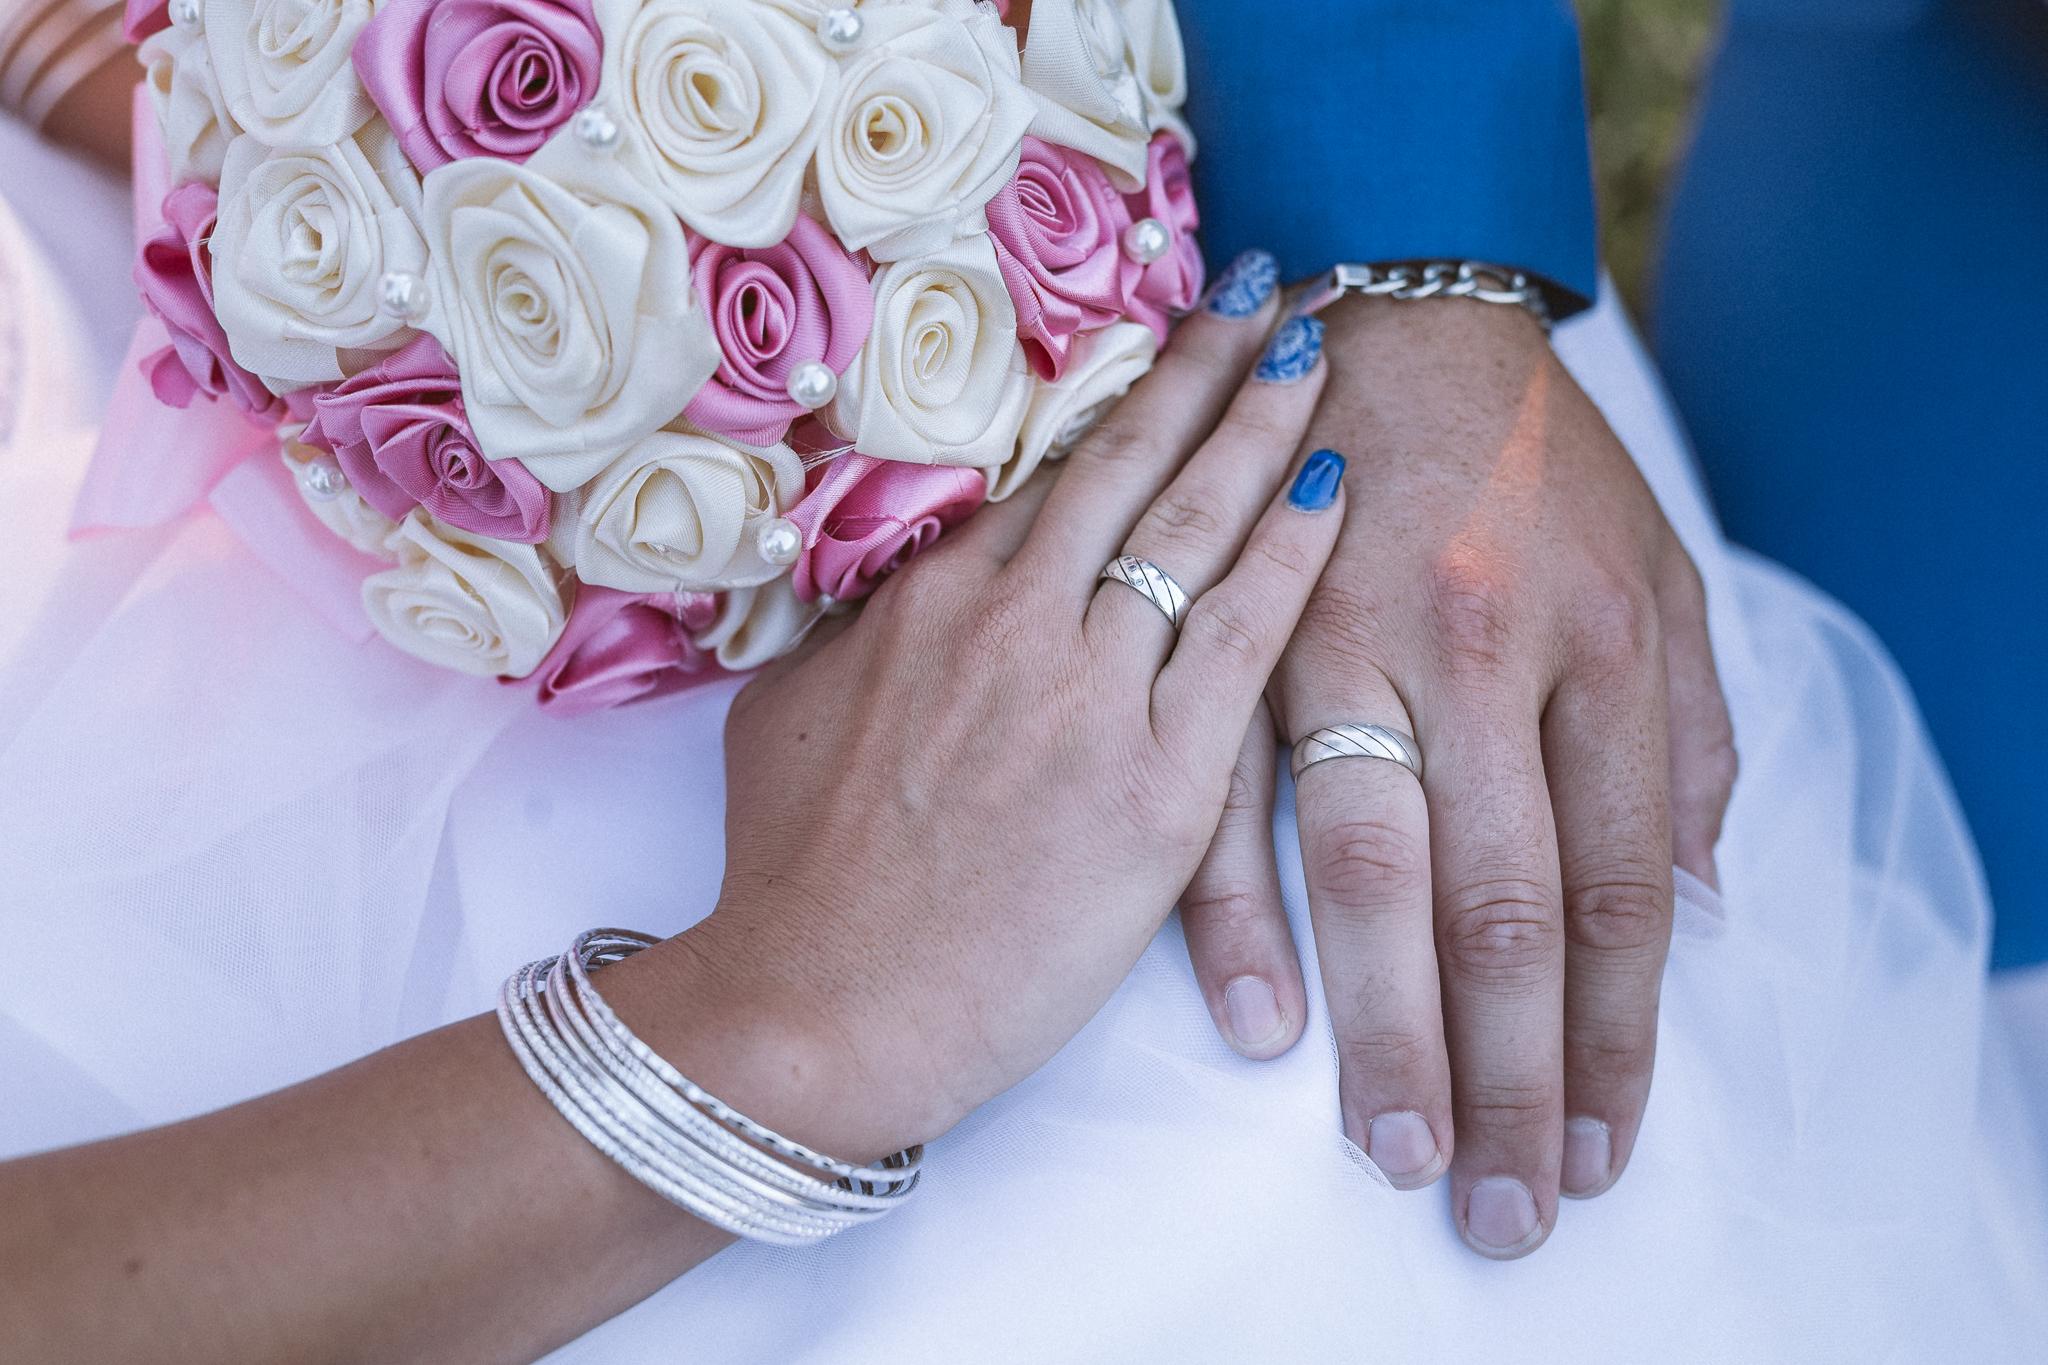 FylepPhoto, esküvőfotózás, magyarország, esküvői fotós, vasmegye, prémium, jegyesfotózás, Fülöp Péter, körmend, kreatív 1.jpg